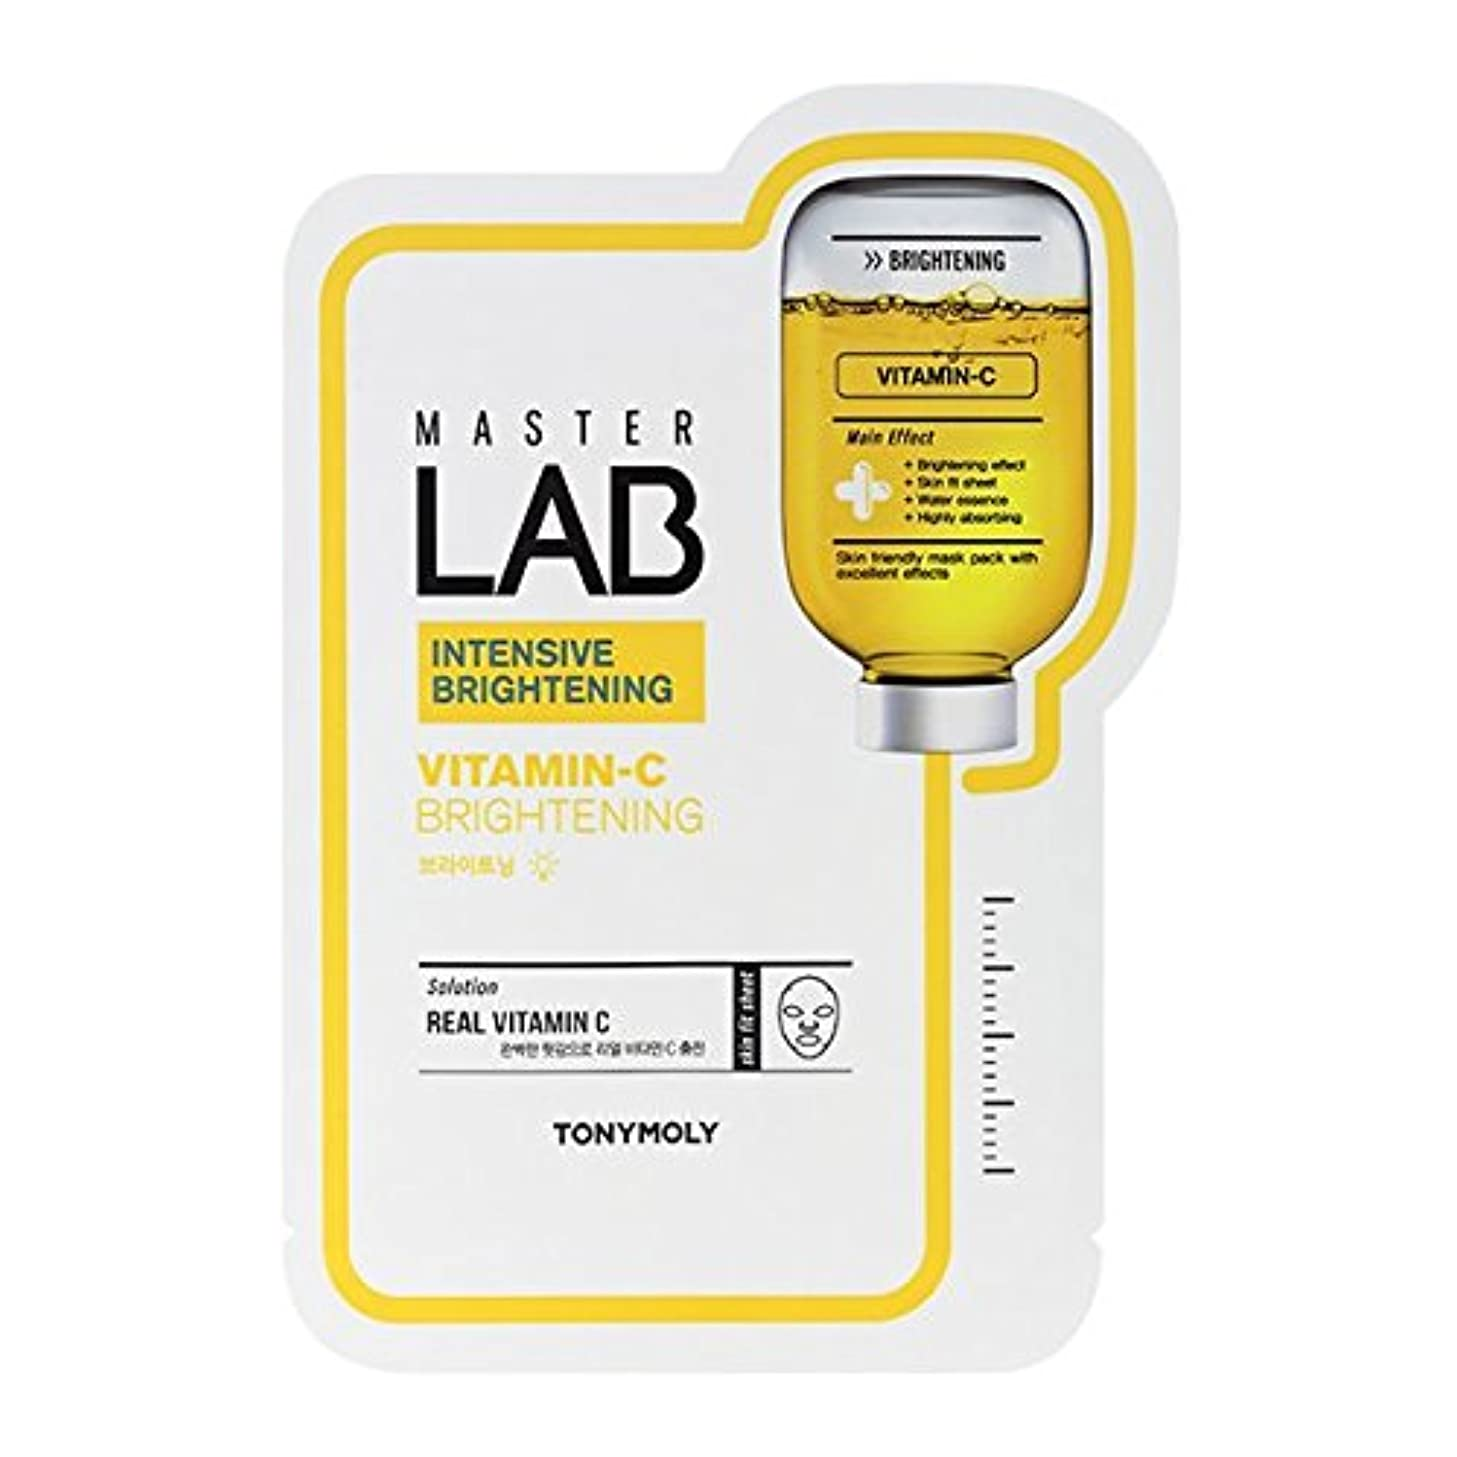 化学者パウダーにじみ出るTONYMOLY Master Lab Mask Vitamin C (Brightening) (並行輸入品)